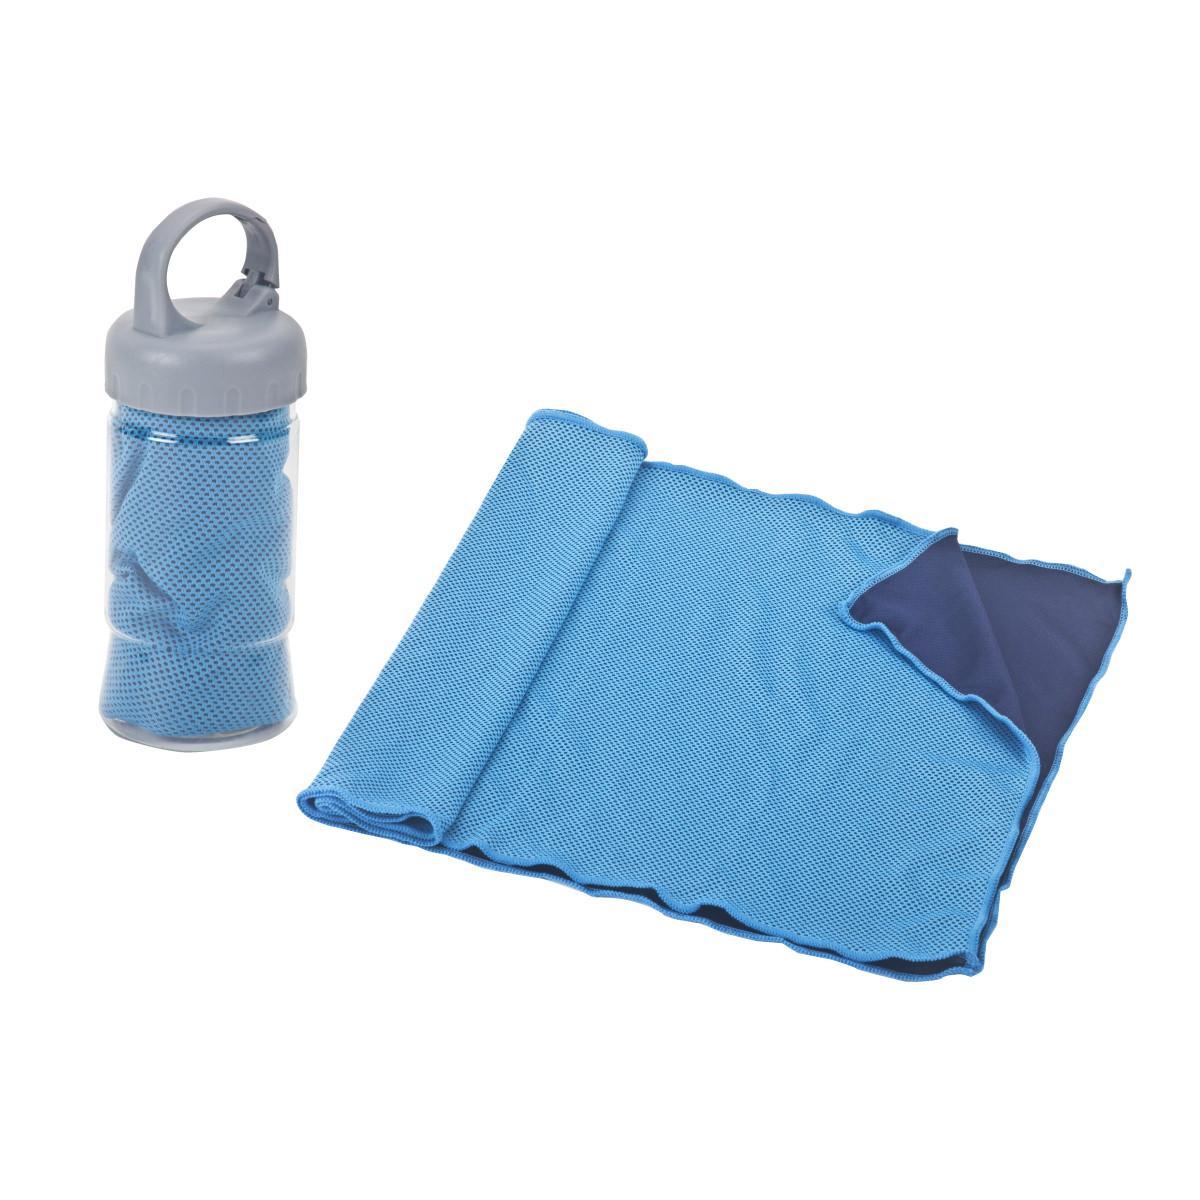 אייס- מגבת שומרת קור